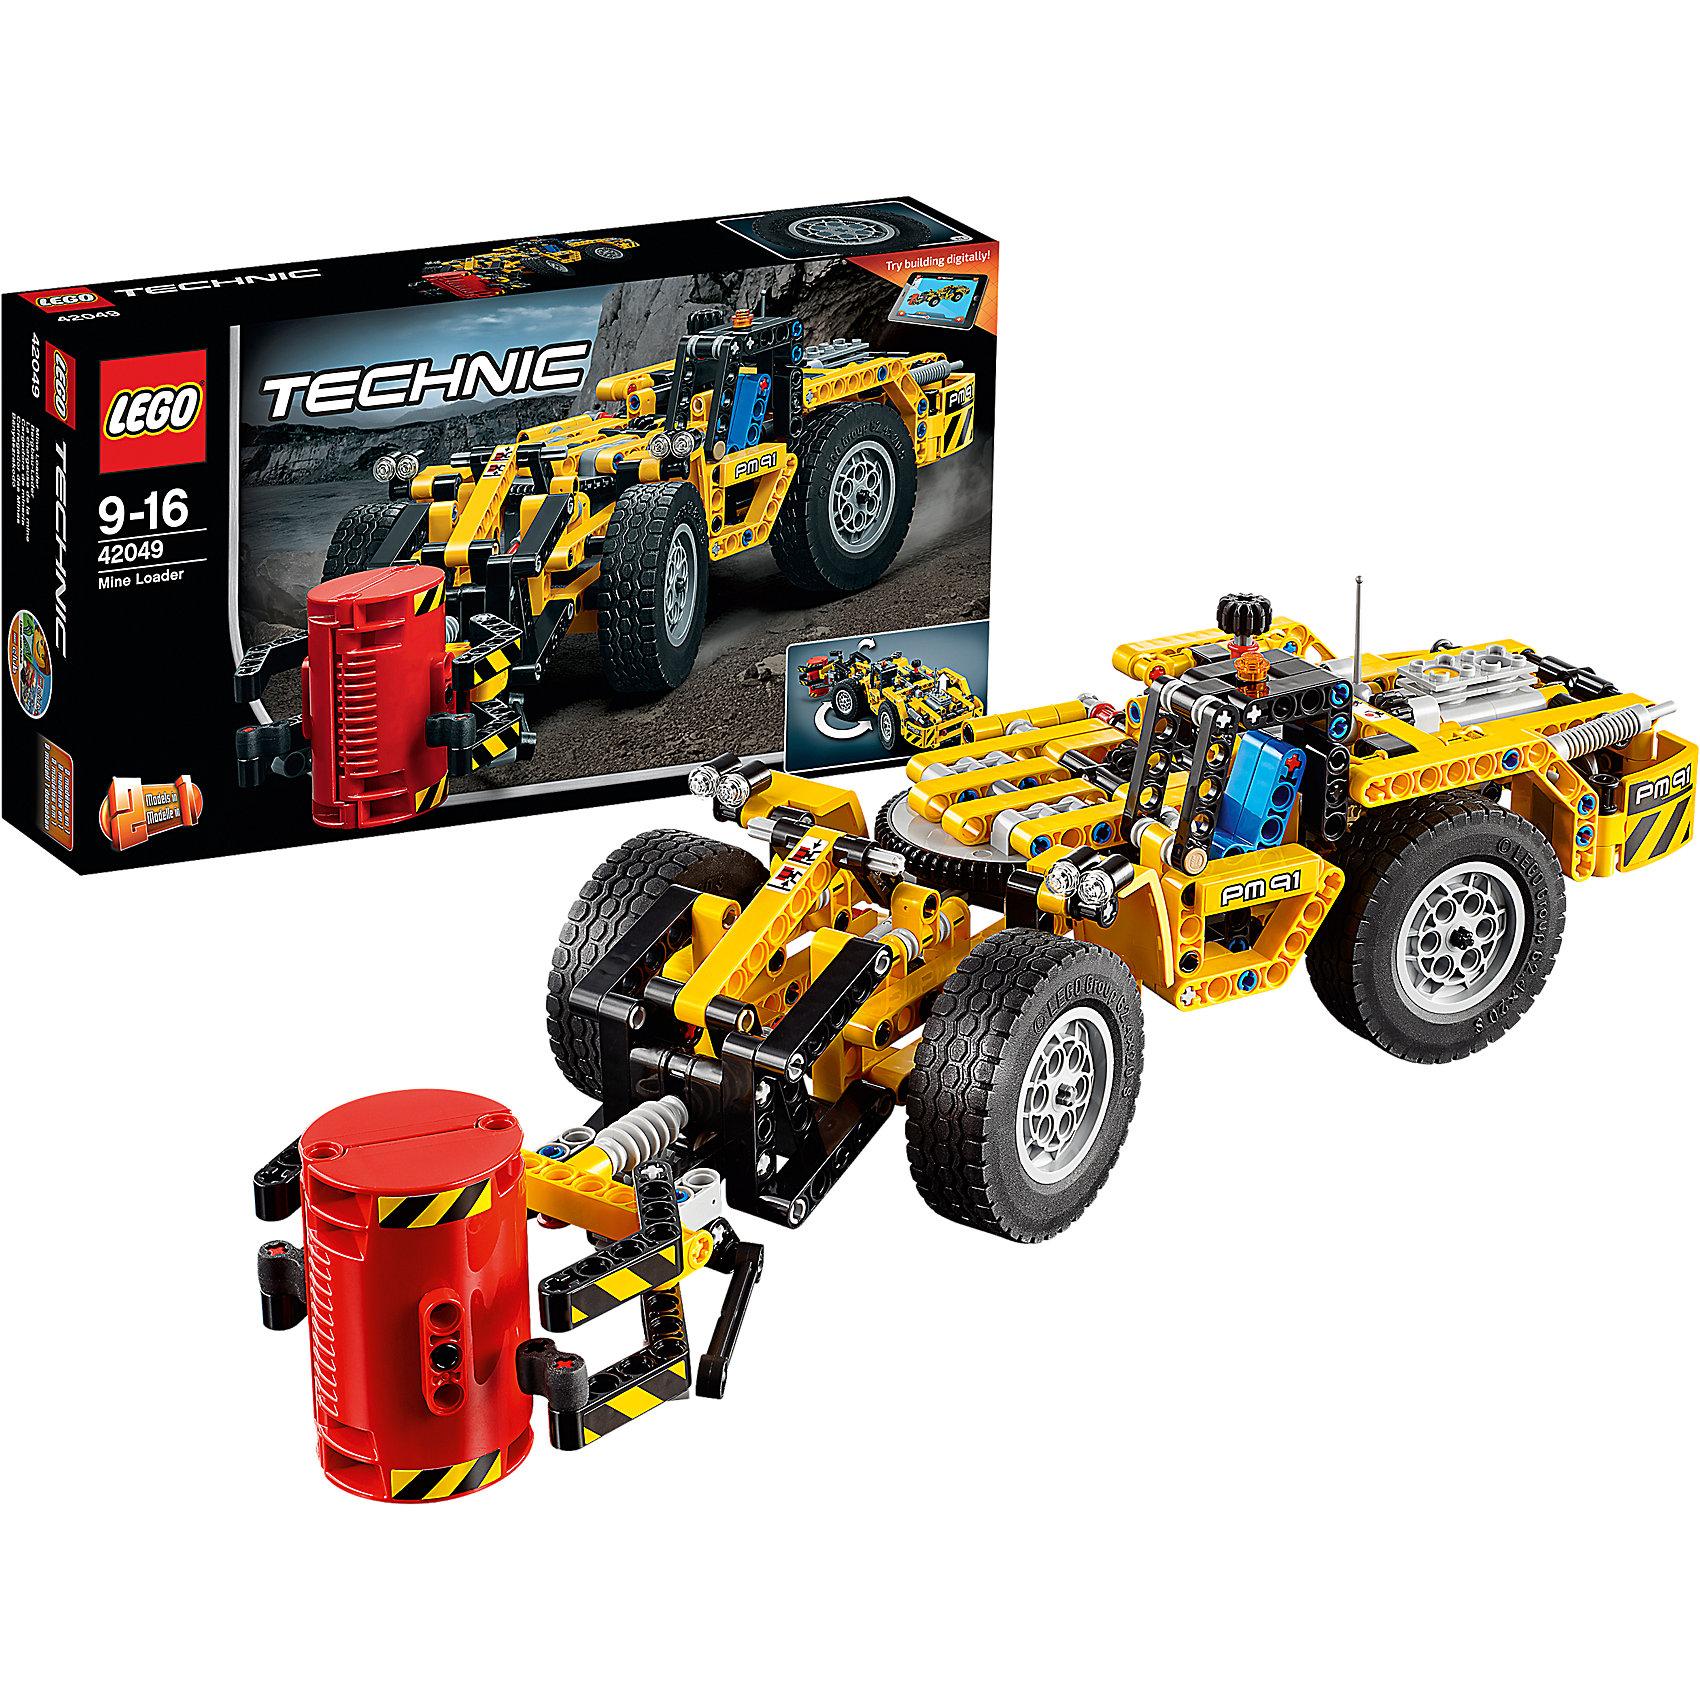 LEGO Technic 42049: Карьерный погрузчикПластмассовые конструкторы<br>Отправляйся под землю на этом прочном автомобиле, имеющем классическую желто-черную цветовую схему, детализированный двигатель с движущимися поршнями и вращающимся вентилятором и массивные колеса с огромными шинами. Управляй погрузчиком, чтобы переместить машину в нужное место, а затем активируй универсальное захватное устройство, чтобы поднять и загрузить тяжелый груз. Когда все тяжелые грузы будут перемещены, переделай модель в удивительную карьерную машину! Доступно интерактивное интернет-приложение с цифровыми 3D-инструкциями по сборке LEGO для обеих моделей.<br><br>LEGO Technic  (Лего Техник) - серия конструкторов, позволяющая собрать функциональные, подробные, прекрасно детализированные, имеющие множество подвижных узлов, транспортные средства. В этой серии найдется техника на любой вкус: тракторы и экскаваторы, внедорожники и квадроциклы, самосвалы и гоночные автомобили. Даже самые простые из конструкторов lego technic дают вашему ребенку представление о том, как устроены машины, помогают развить моторику, мышление и умение работать по инструкции. <br><br>Дополнительная информация:<br><br>- Конструкторы ЛЕГО развивают усидчивость, внимание, фантазию и мелкую моторику. <br>- Комплектация: погрузчик.<br>- Количество деталей: 476.<br>- Серия LEGO Technic  (Лего Техник).<br>- Материал: пластик.<br>- Размер упаковки: 35х7х19 см.<br>- Вес: 0.76 кг.<br><br>LEGO Technic 42049: Карьерный погрузчик можно купить в нашем магазине.<br><br>Ширина мм: 356<br>Глубина мм: 189<br>Высота мм: 74<br>Вес г: 782<br>Возраст от месяцев: 108<br>Возраст до месяцев: 192<br>Пол: Мужской<br>Возраст: Детский<br>SKU: 4259077